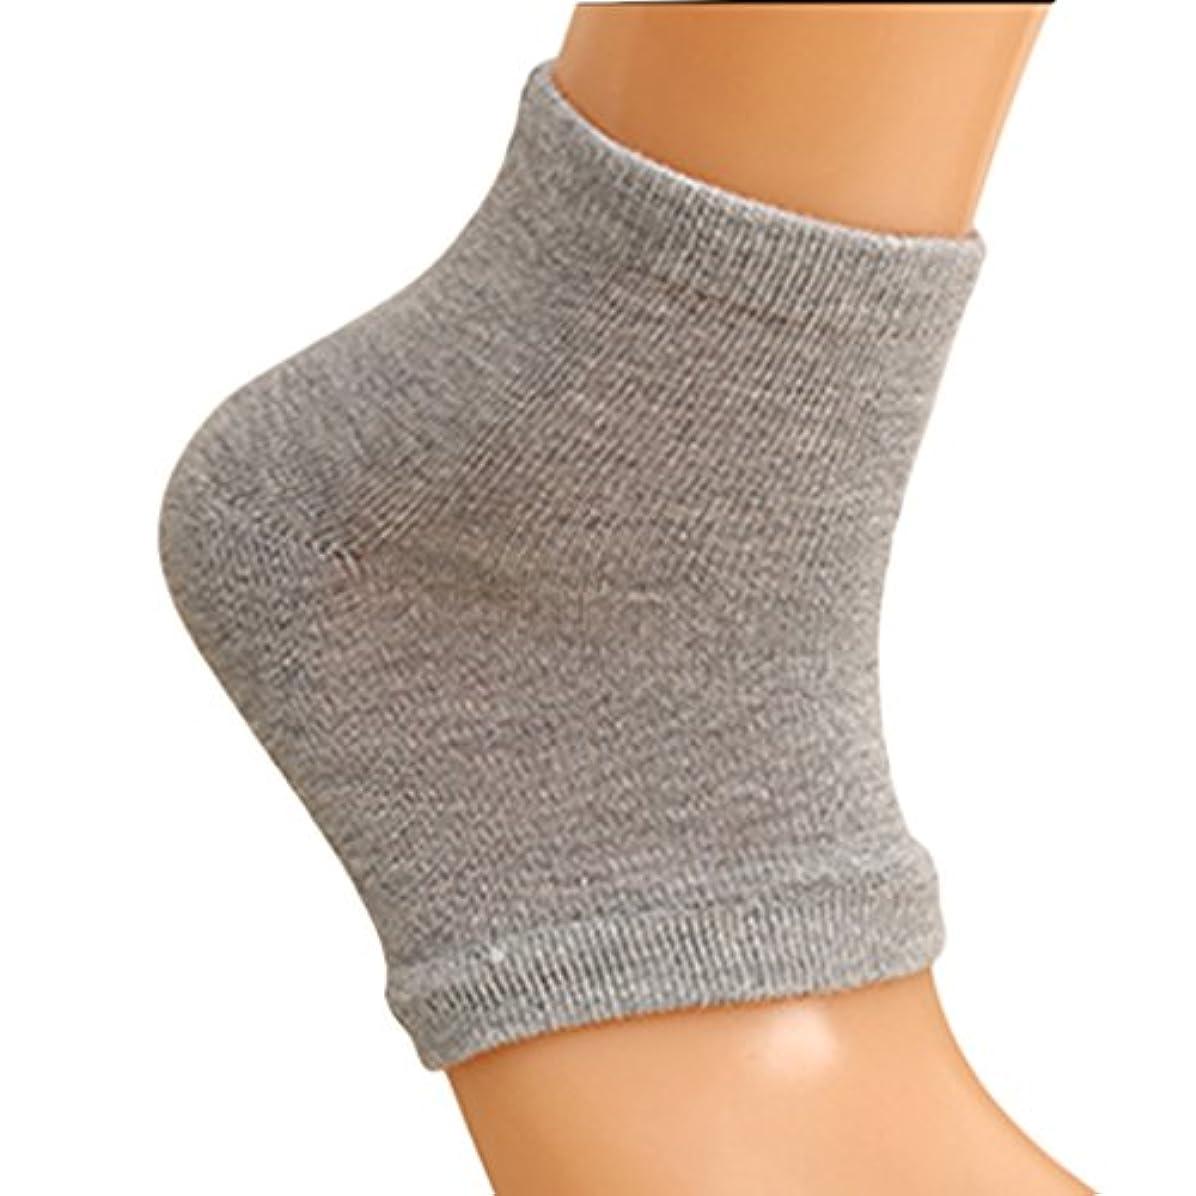 前売終了しました存在するSeliyi 2色組 靴下 ソックス レディース メンズ 靴下 つるつる 靴下 フットケア かかとケア ひび 角質ケア 保湿 角質除去(ピンク+グレー)